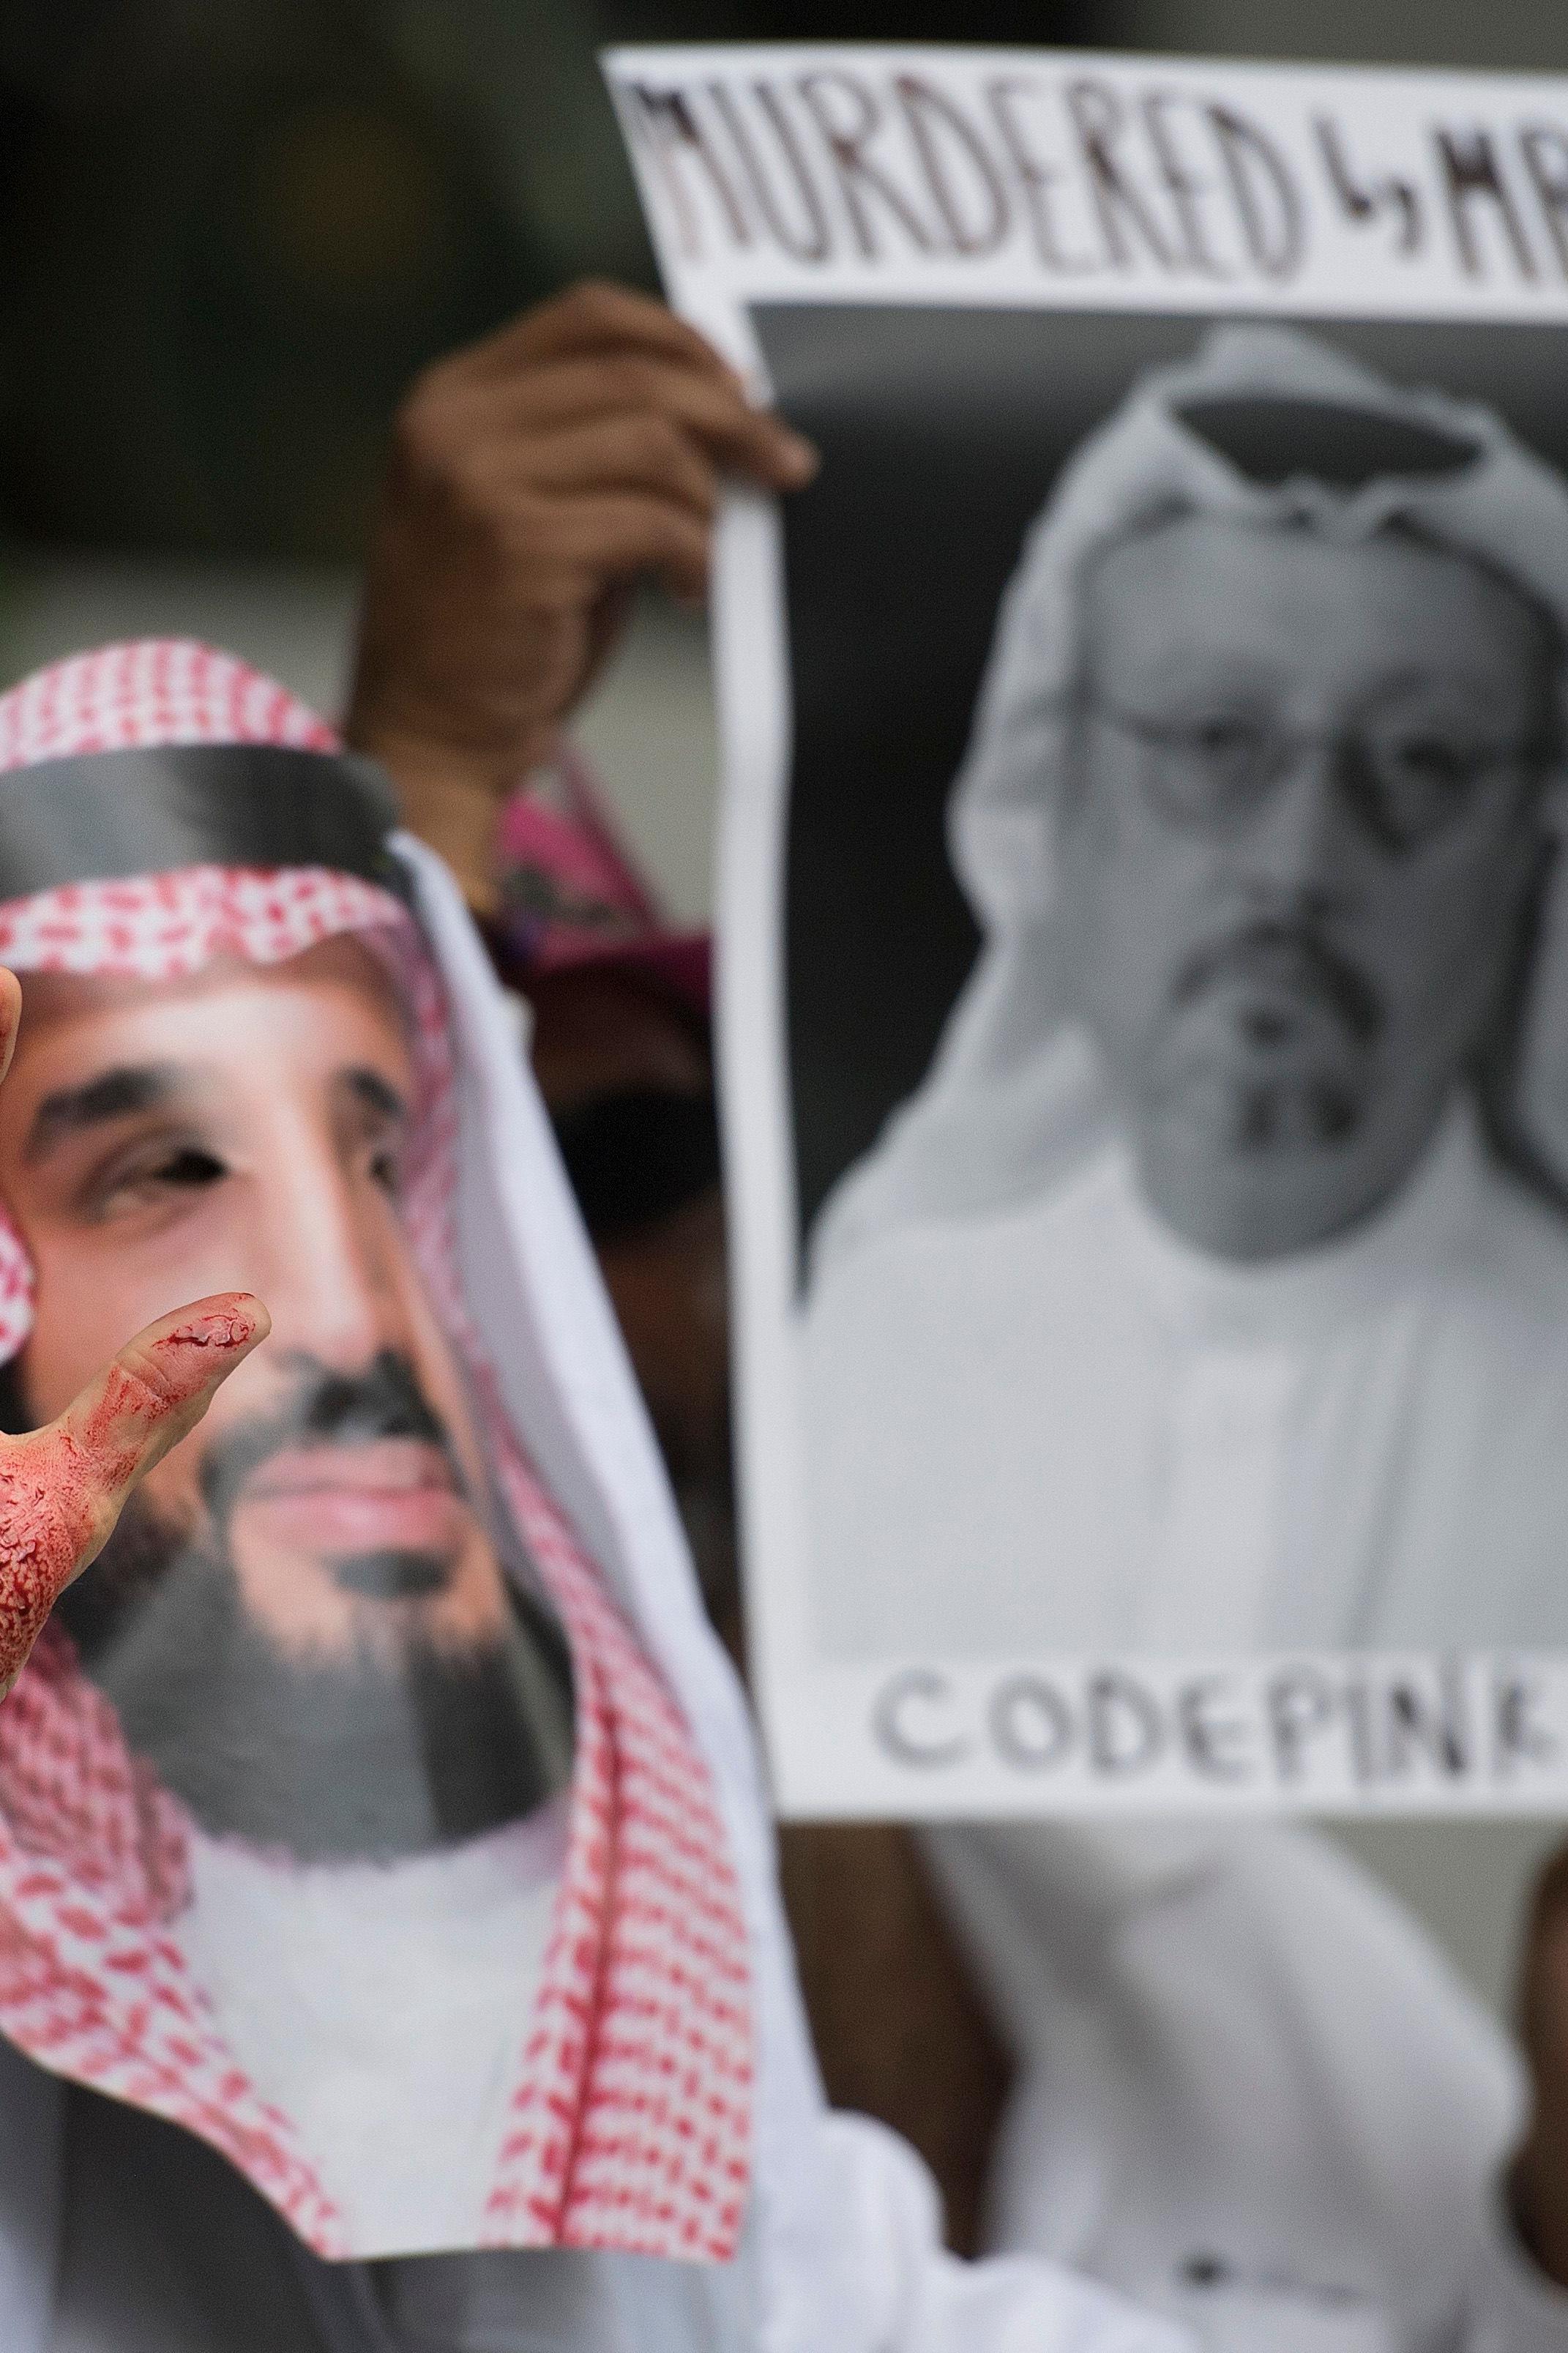 Un manifestant portant un masque du prince héritier saoudien soulève ses mains ensanglantées devant l'ambassade saoudienne à Washington, le 8 octobre 2018.